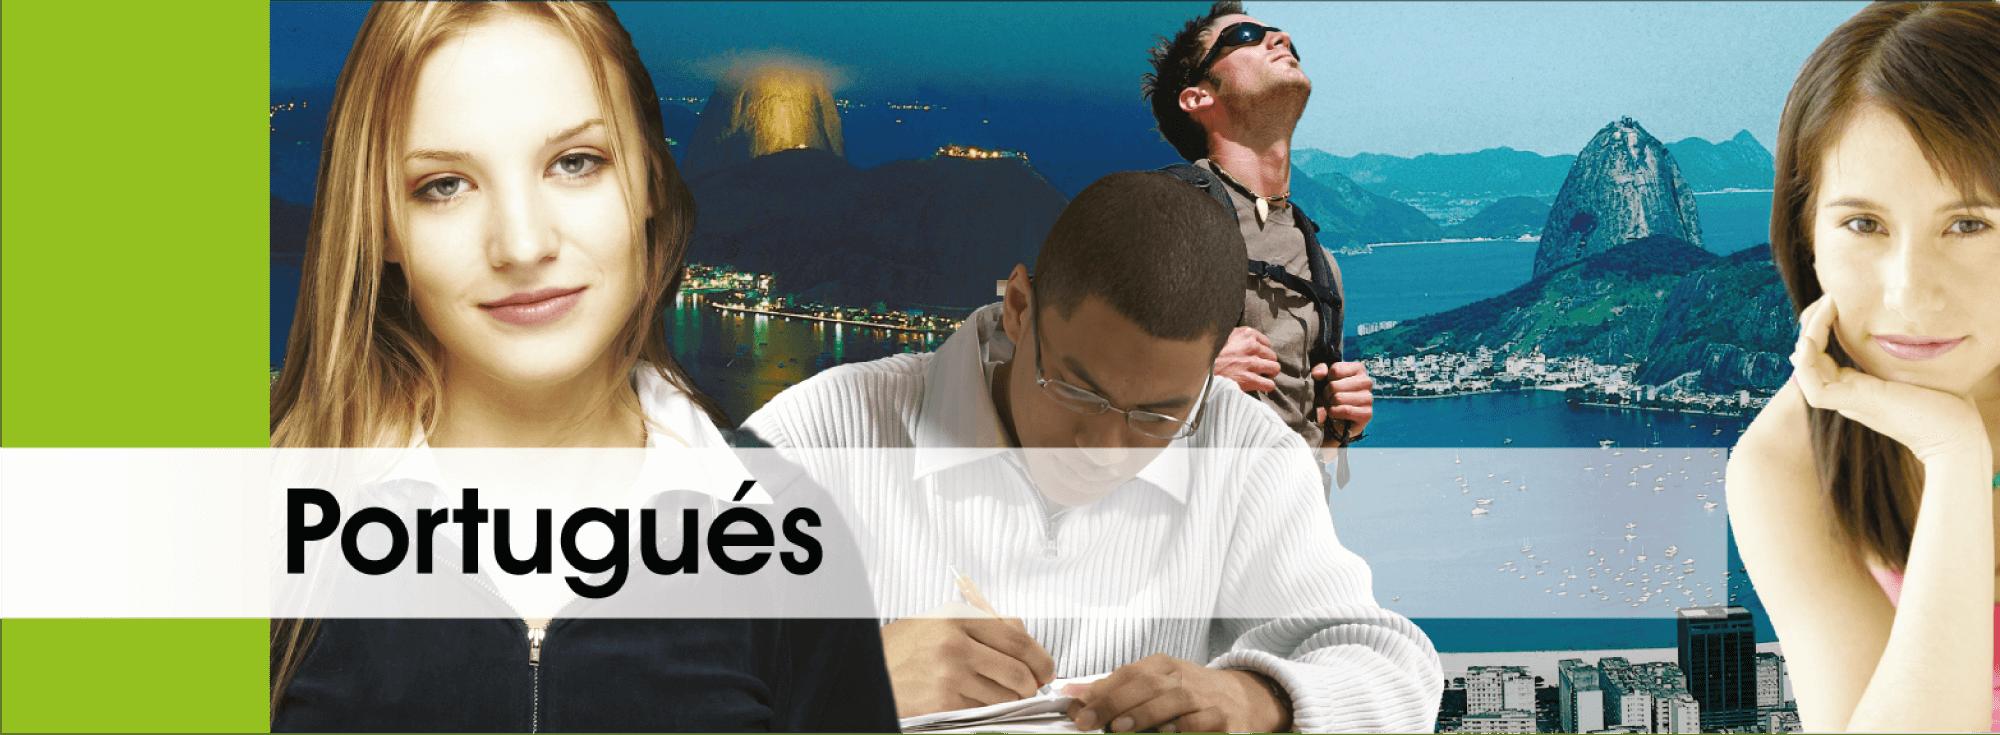 Curso Portugués Presencial, Curso Portugués Online, Curso de Idiomas